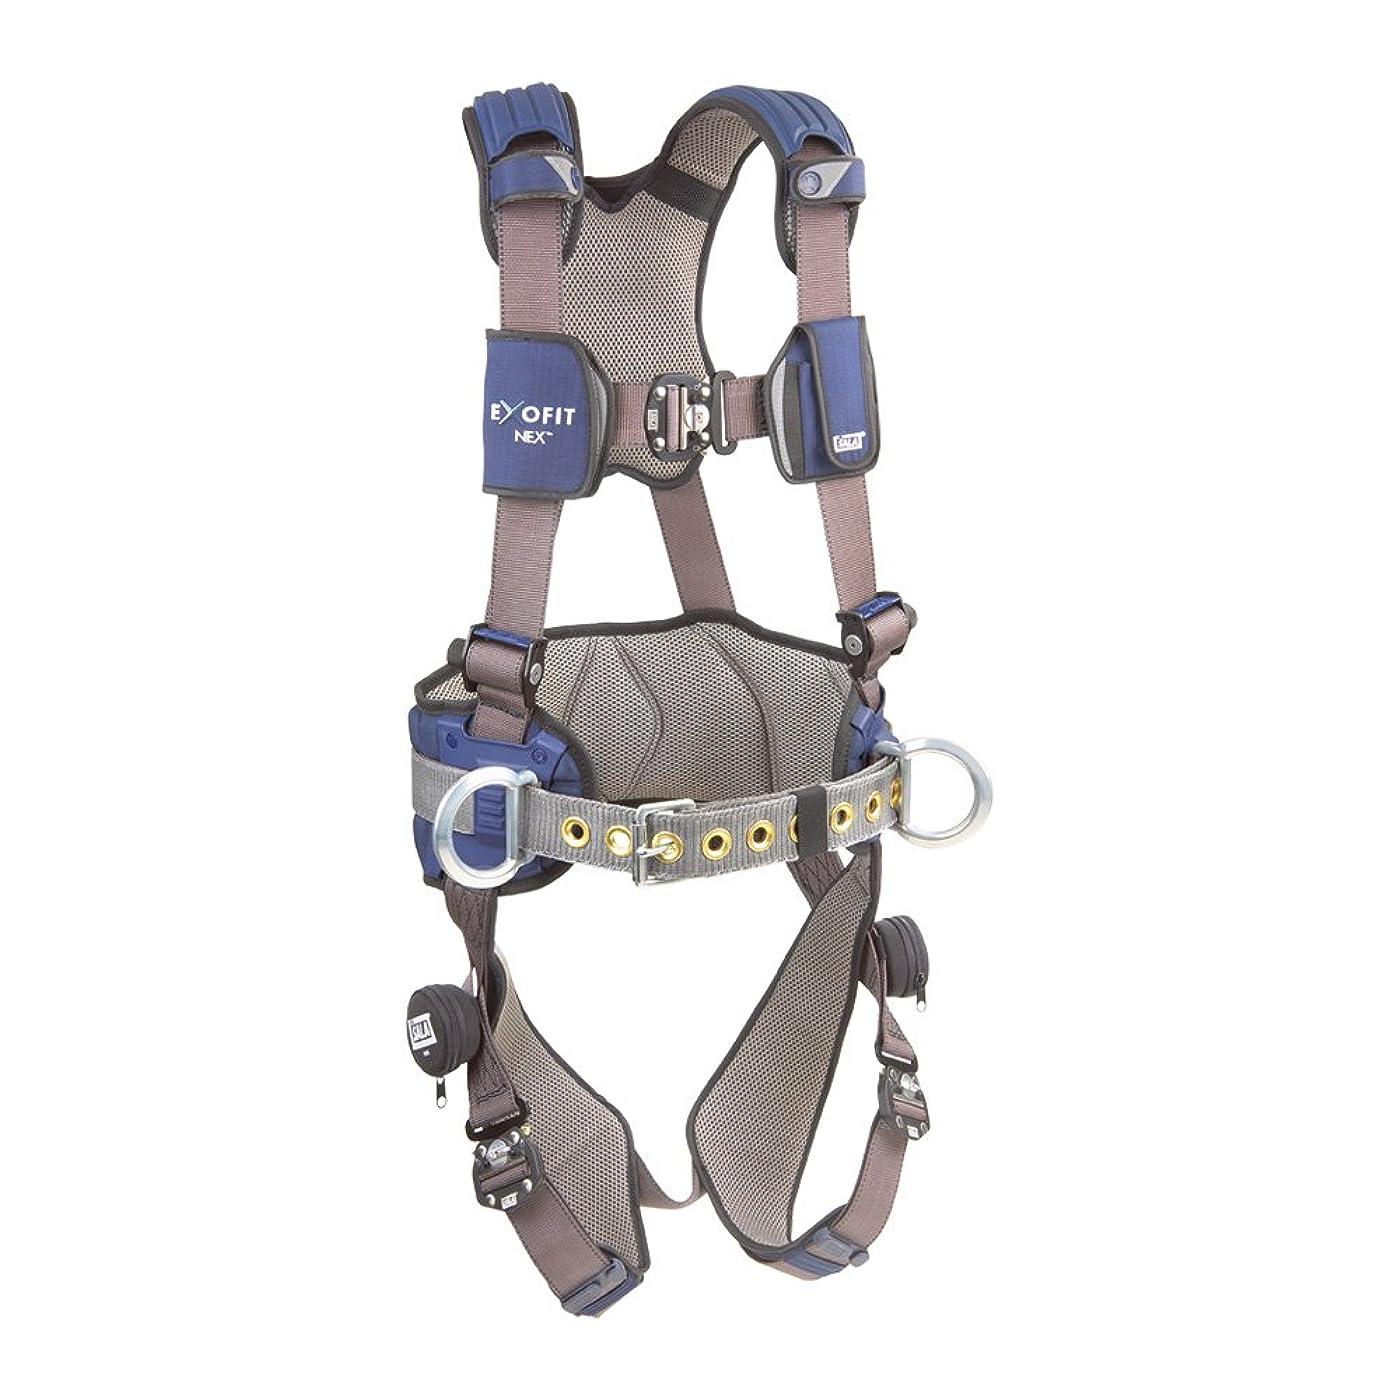 不誠実くるくる退屈DBI/Sala ExoFit NEX, 1113127 Construction Harness, Alum Back/Side D-Rings, Locking Quick Connect Buckles, Sewn In Hip Pad & Belt, Large, Blue/Gray by Capital Safety